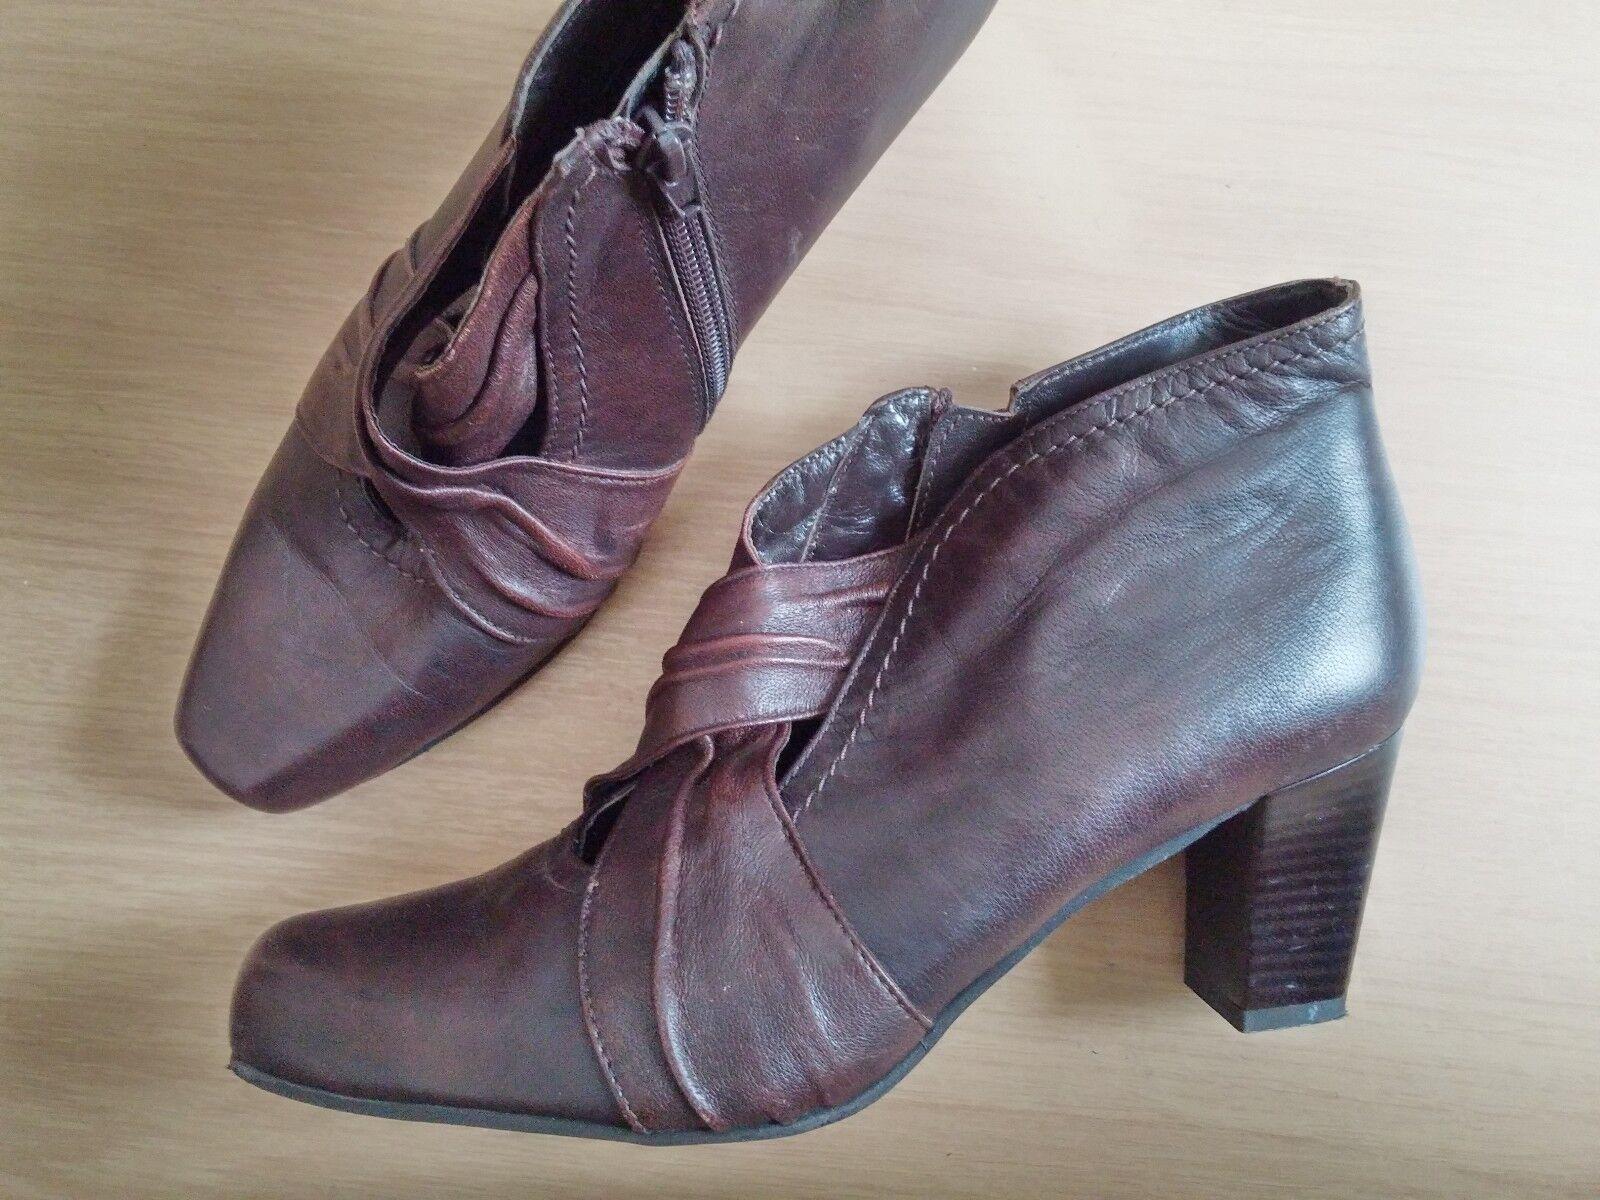 Damen Schuhe Ankle Stiefel MITIKA Gr 41 braun Leder Top